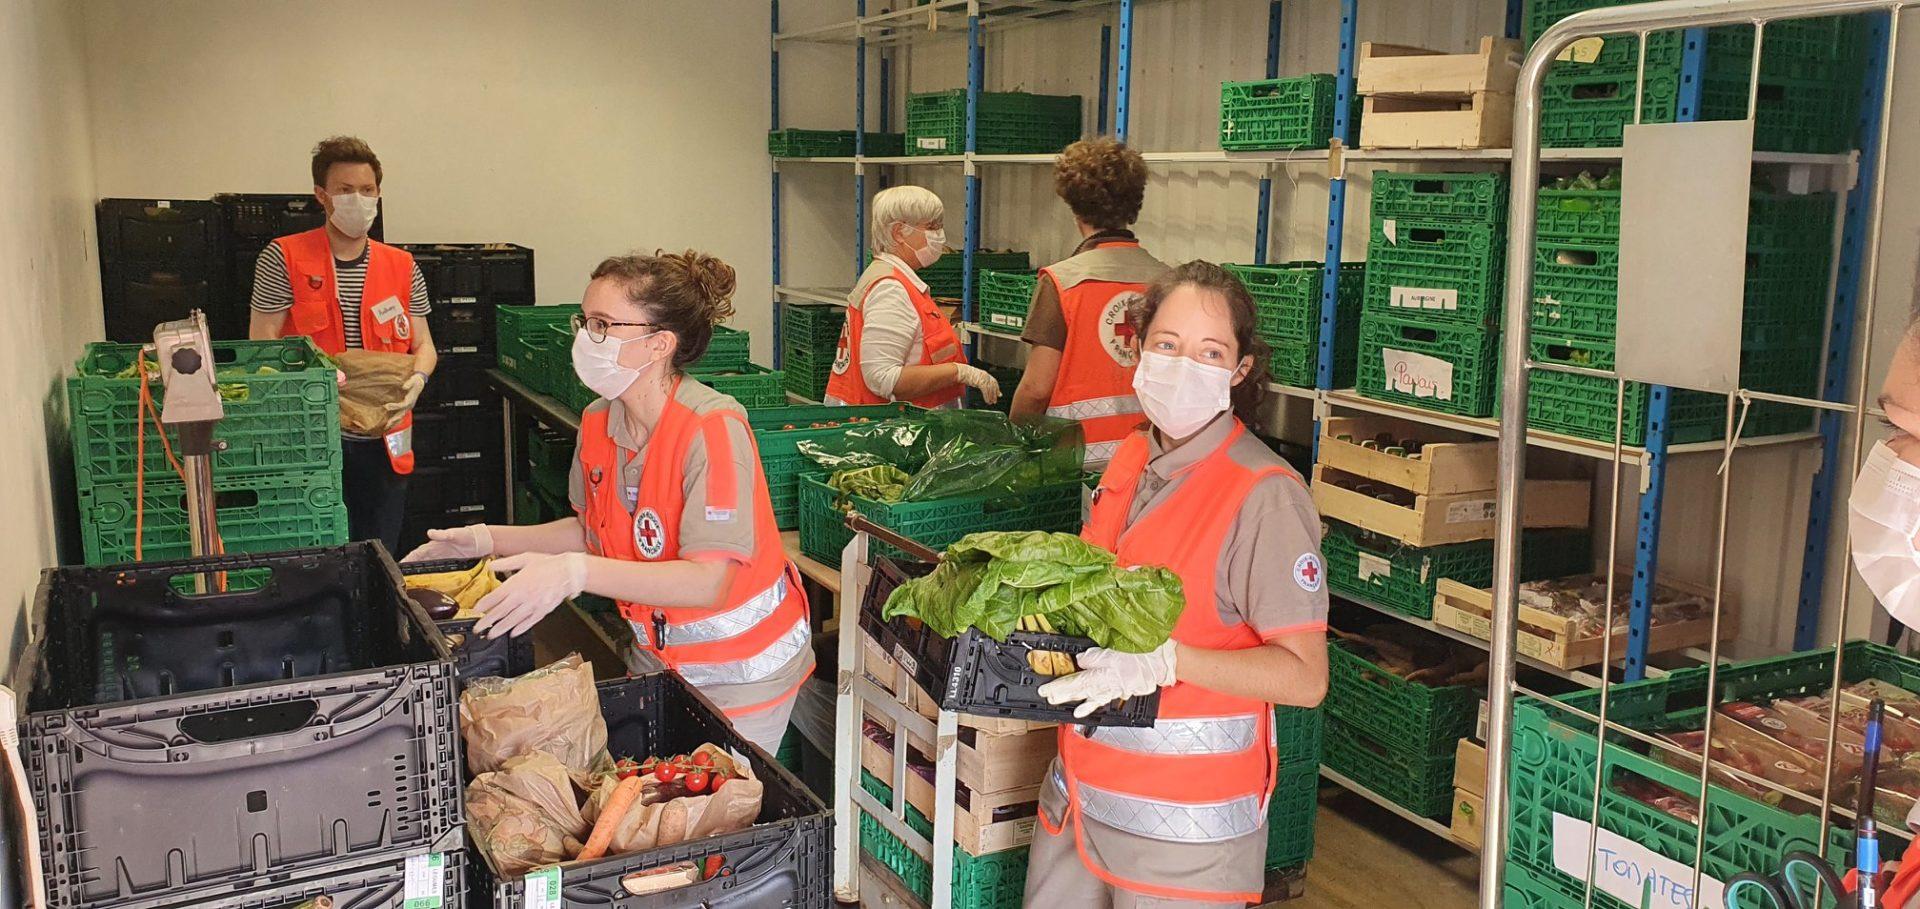 5 Bénévoles de la Croix Rouge transportent des caisses dans un réserve de légumes frais